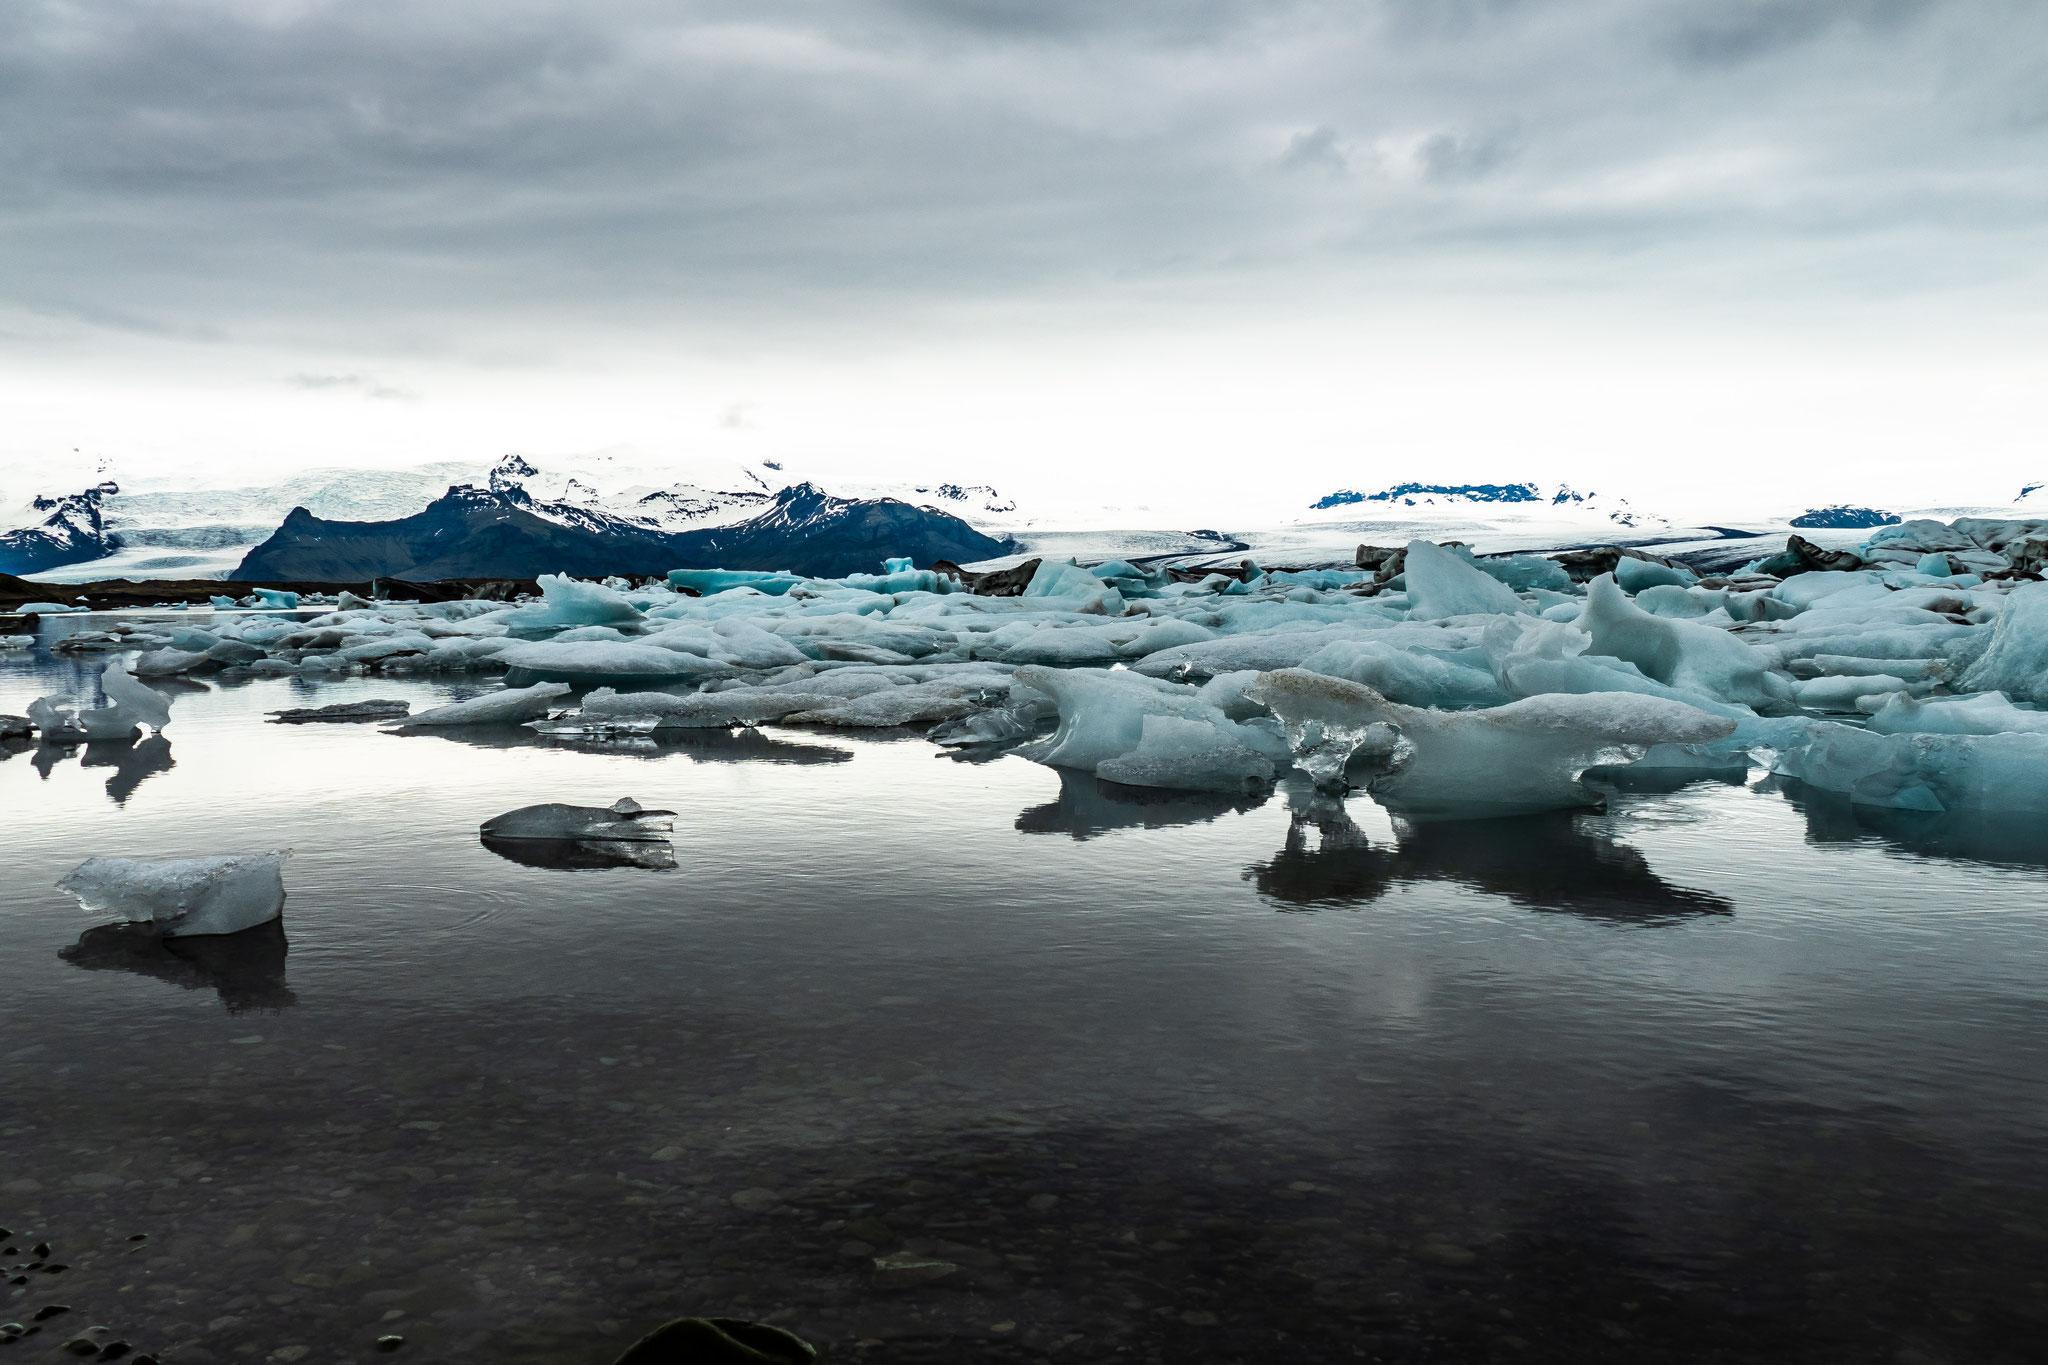 Die Lagune wird Jahr für Jahr größer - sichtbare Auswirkungen der Erderwärmung